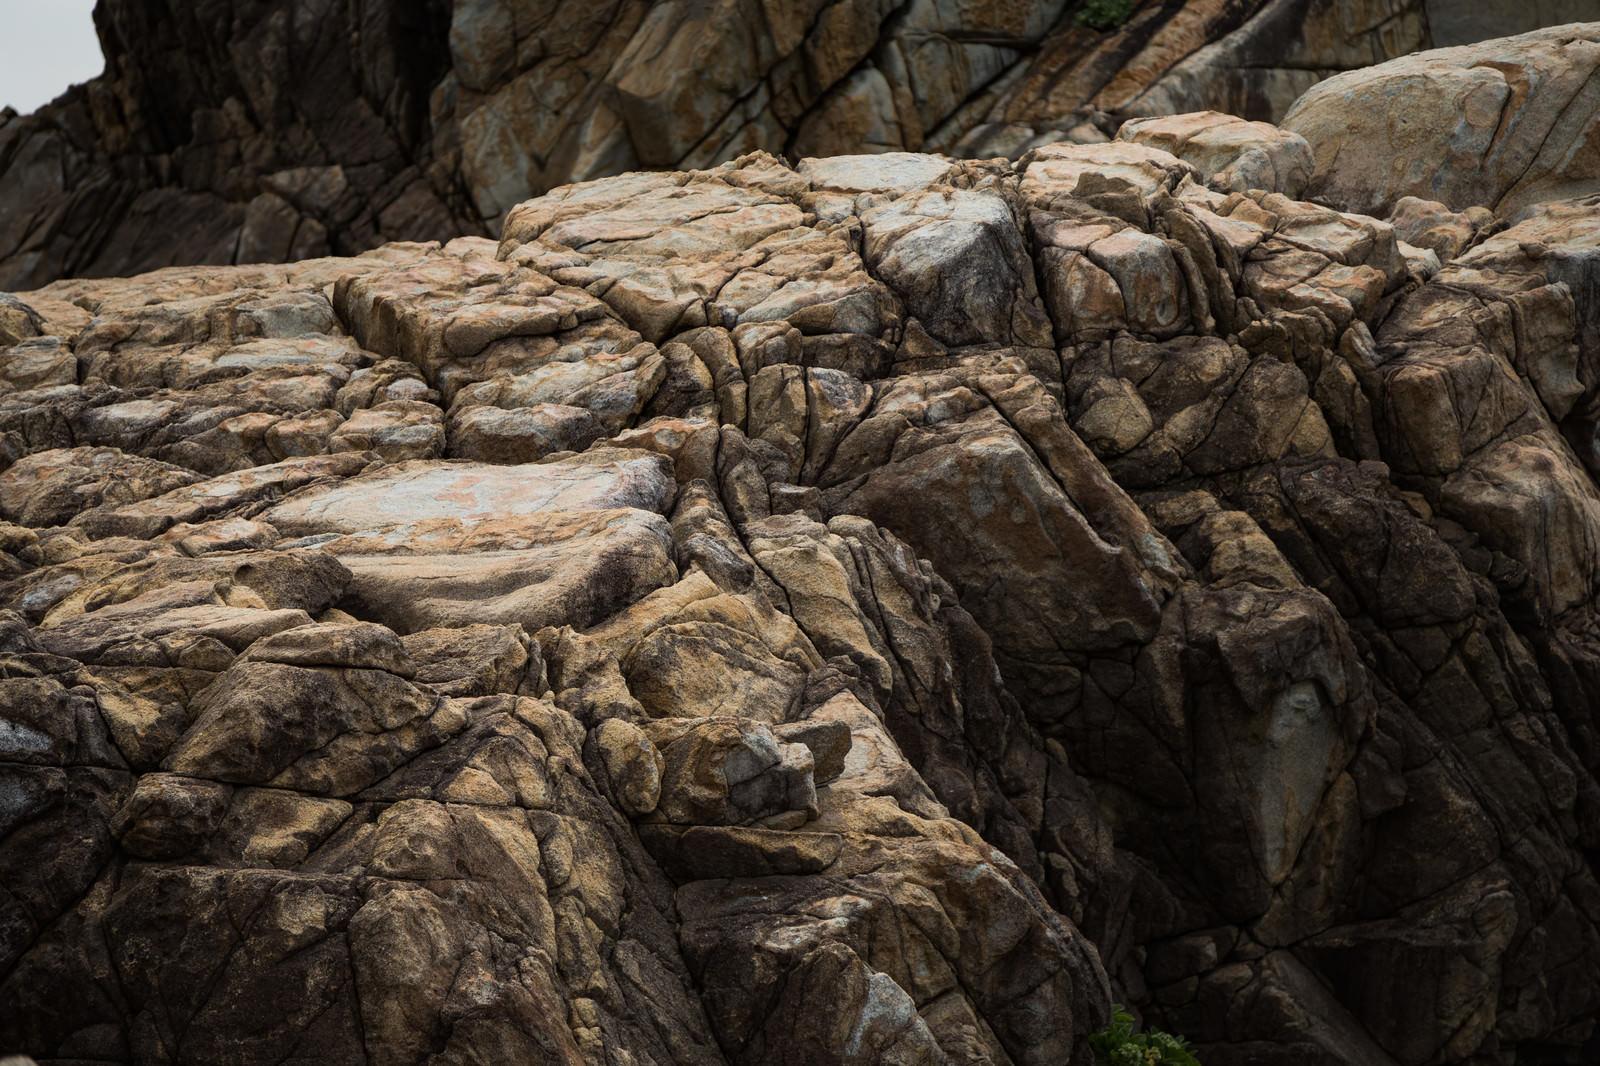 「不思議な形をするムシロ瀬の花崗岩 | 写真の無料素材・フリー素材 - ぱくたそ」の写真